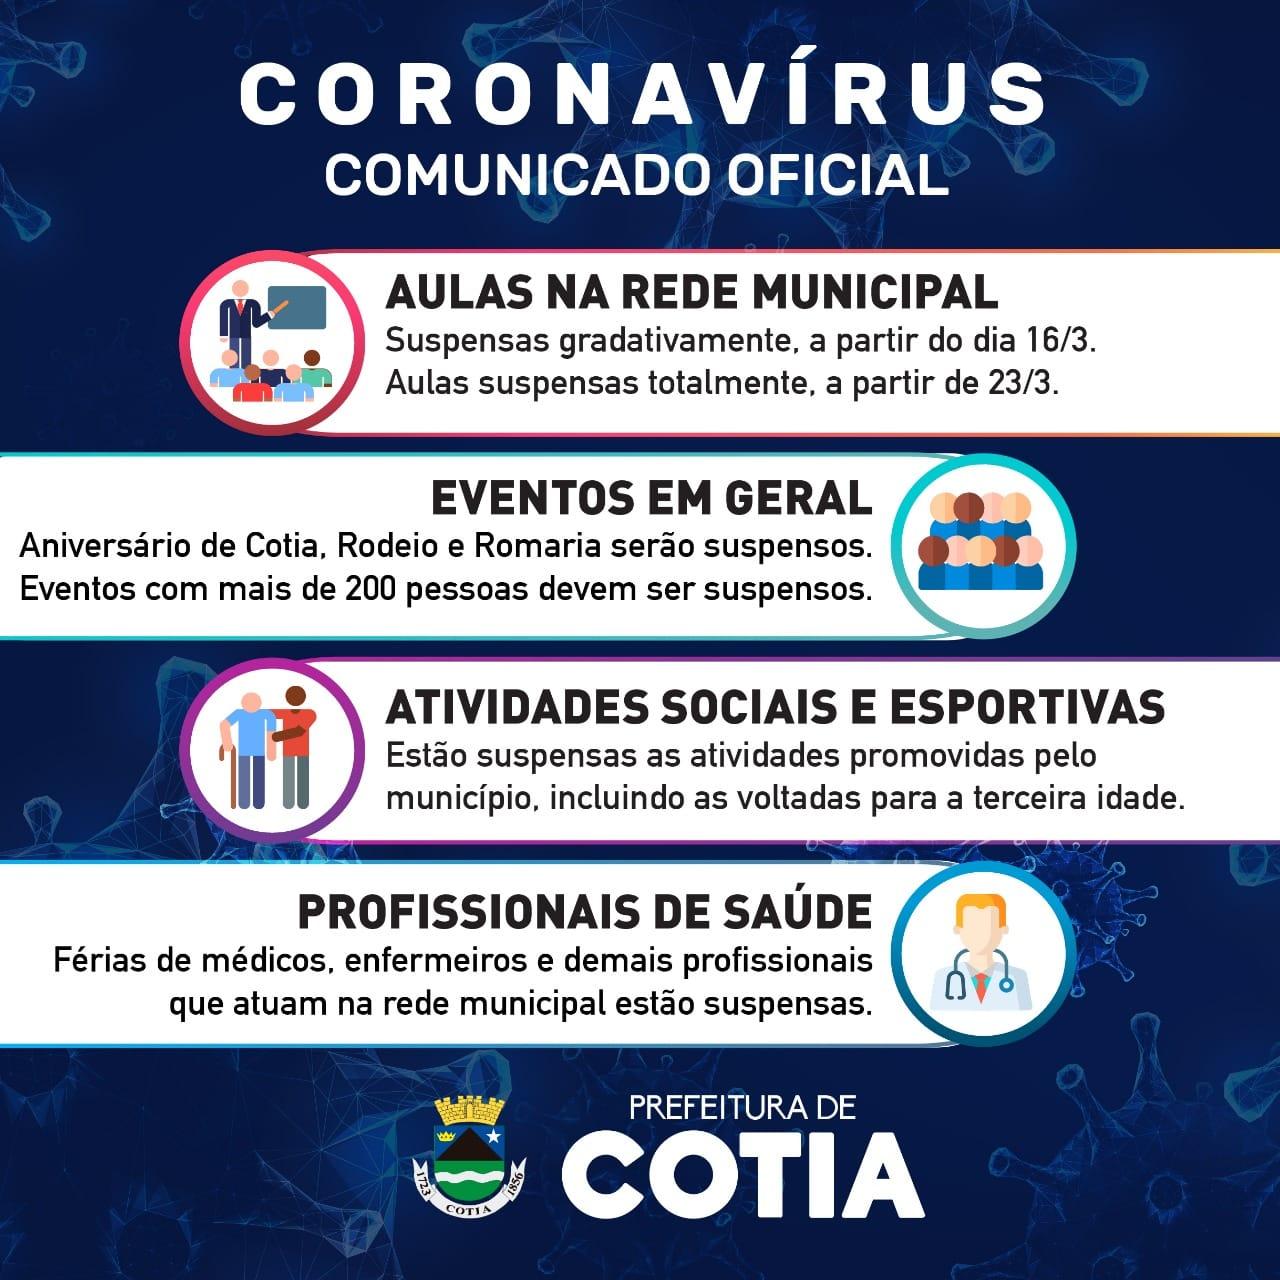 Covid-19: Prefeitura informa o cancelamento de diversos eventos